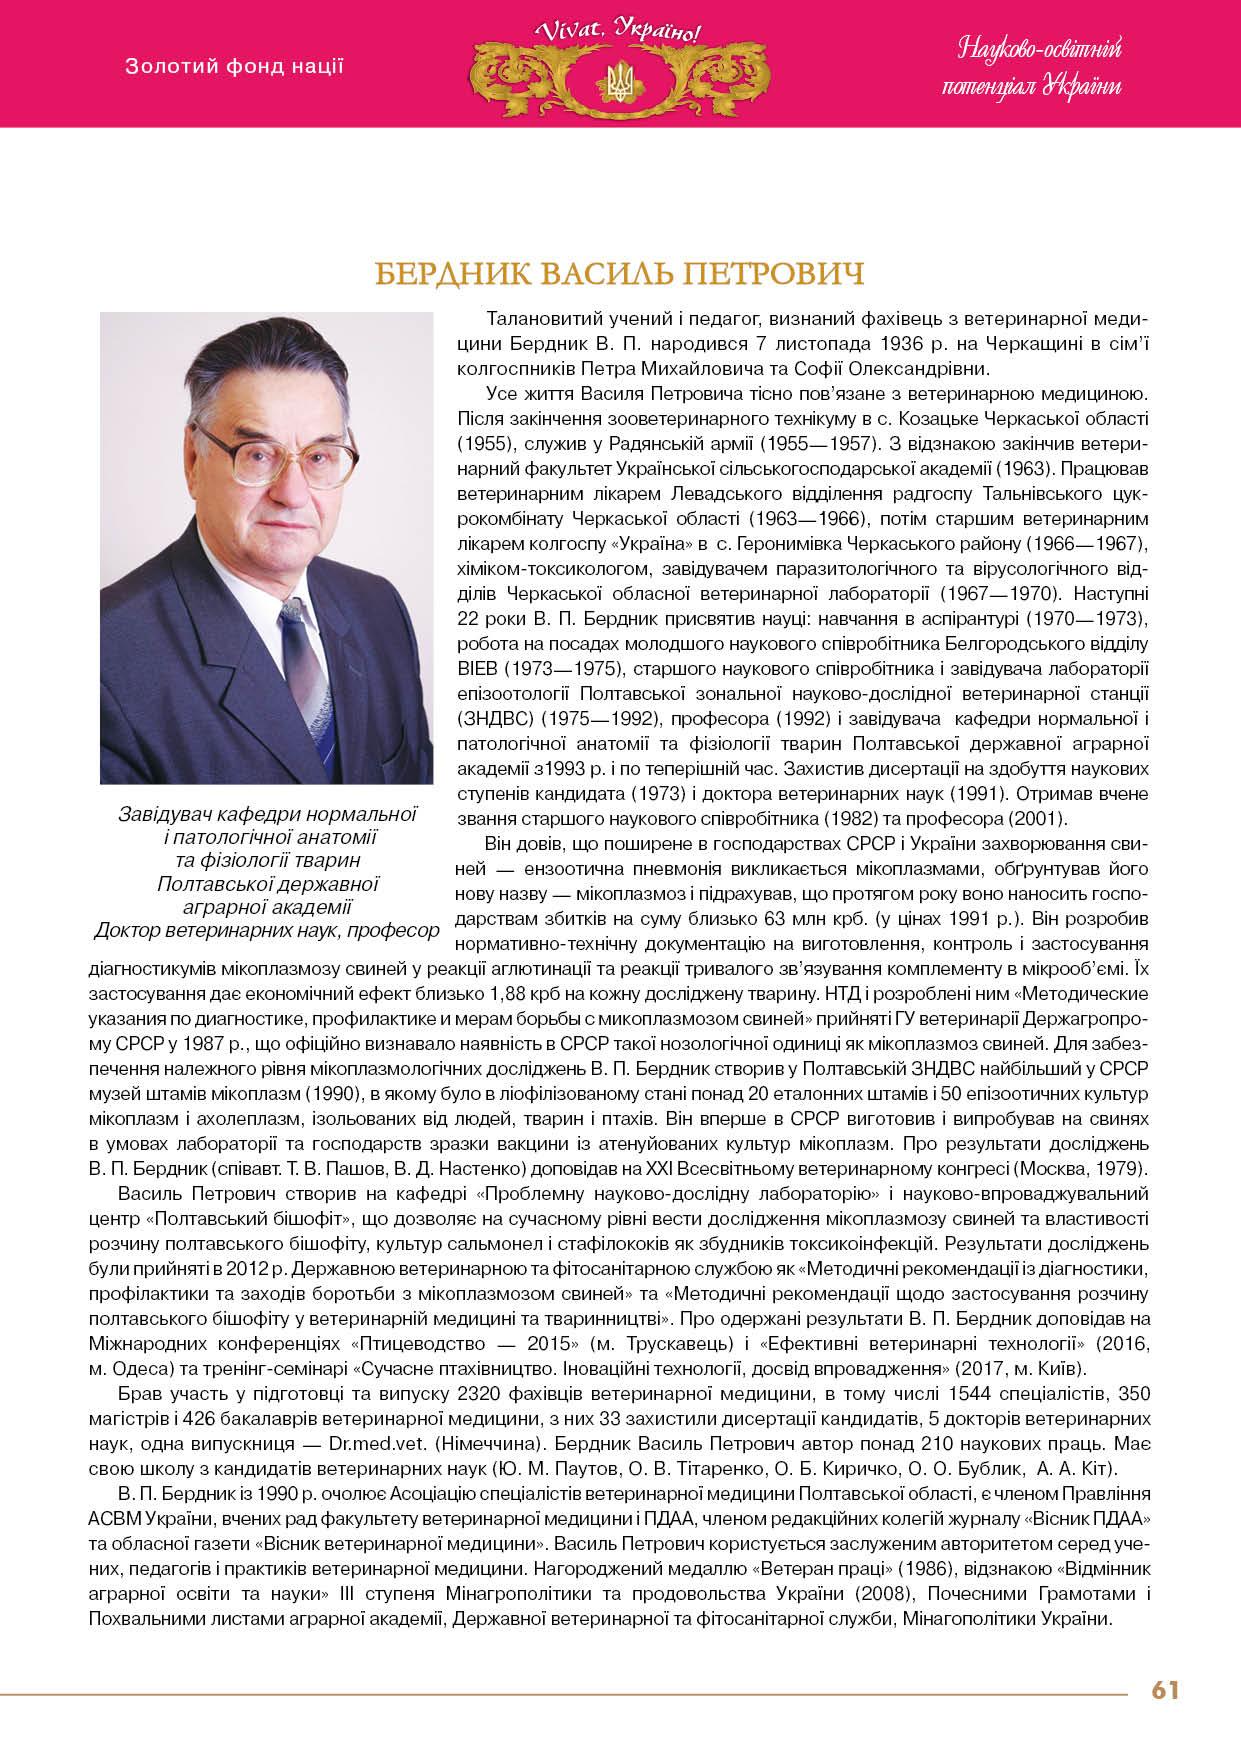 Бердник Василь Петрович